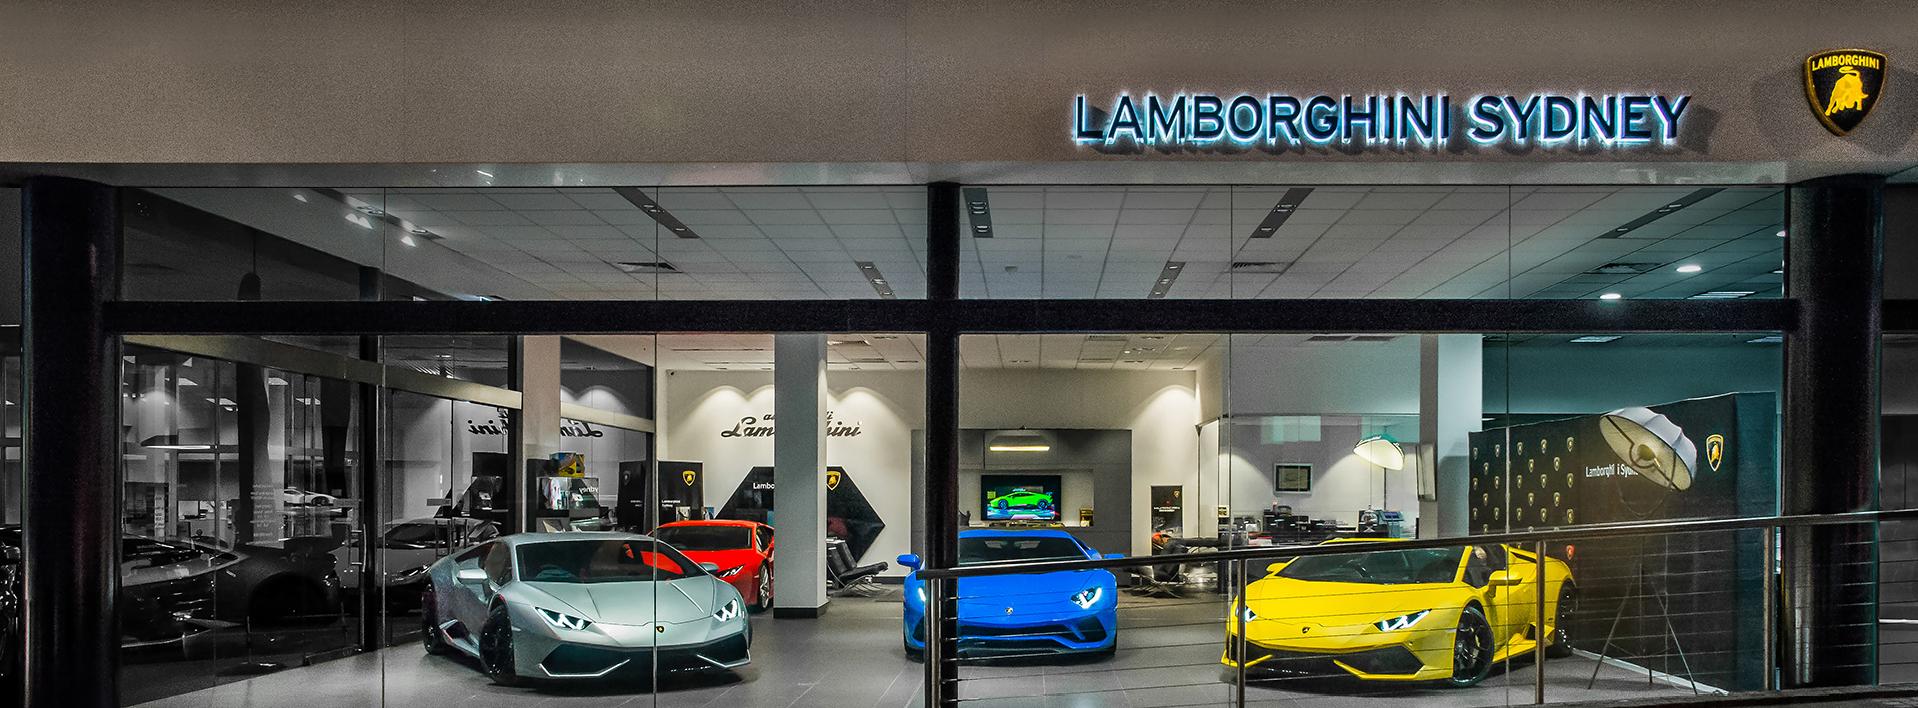 Lamborghini Sydney